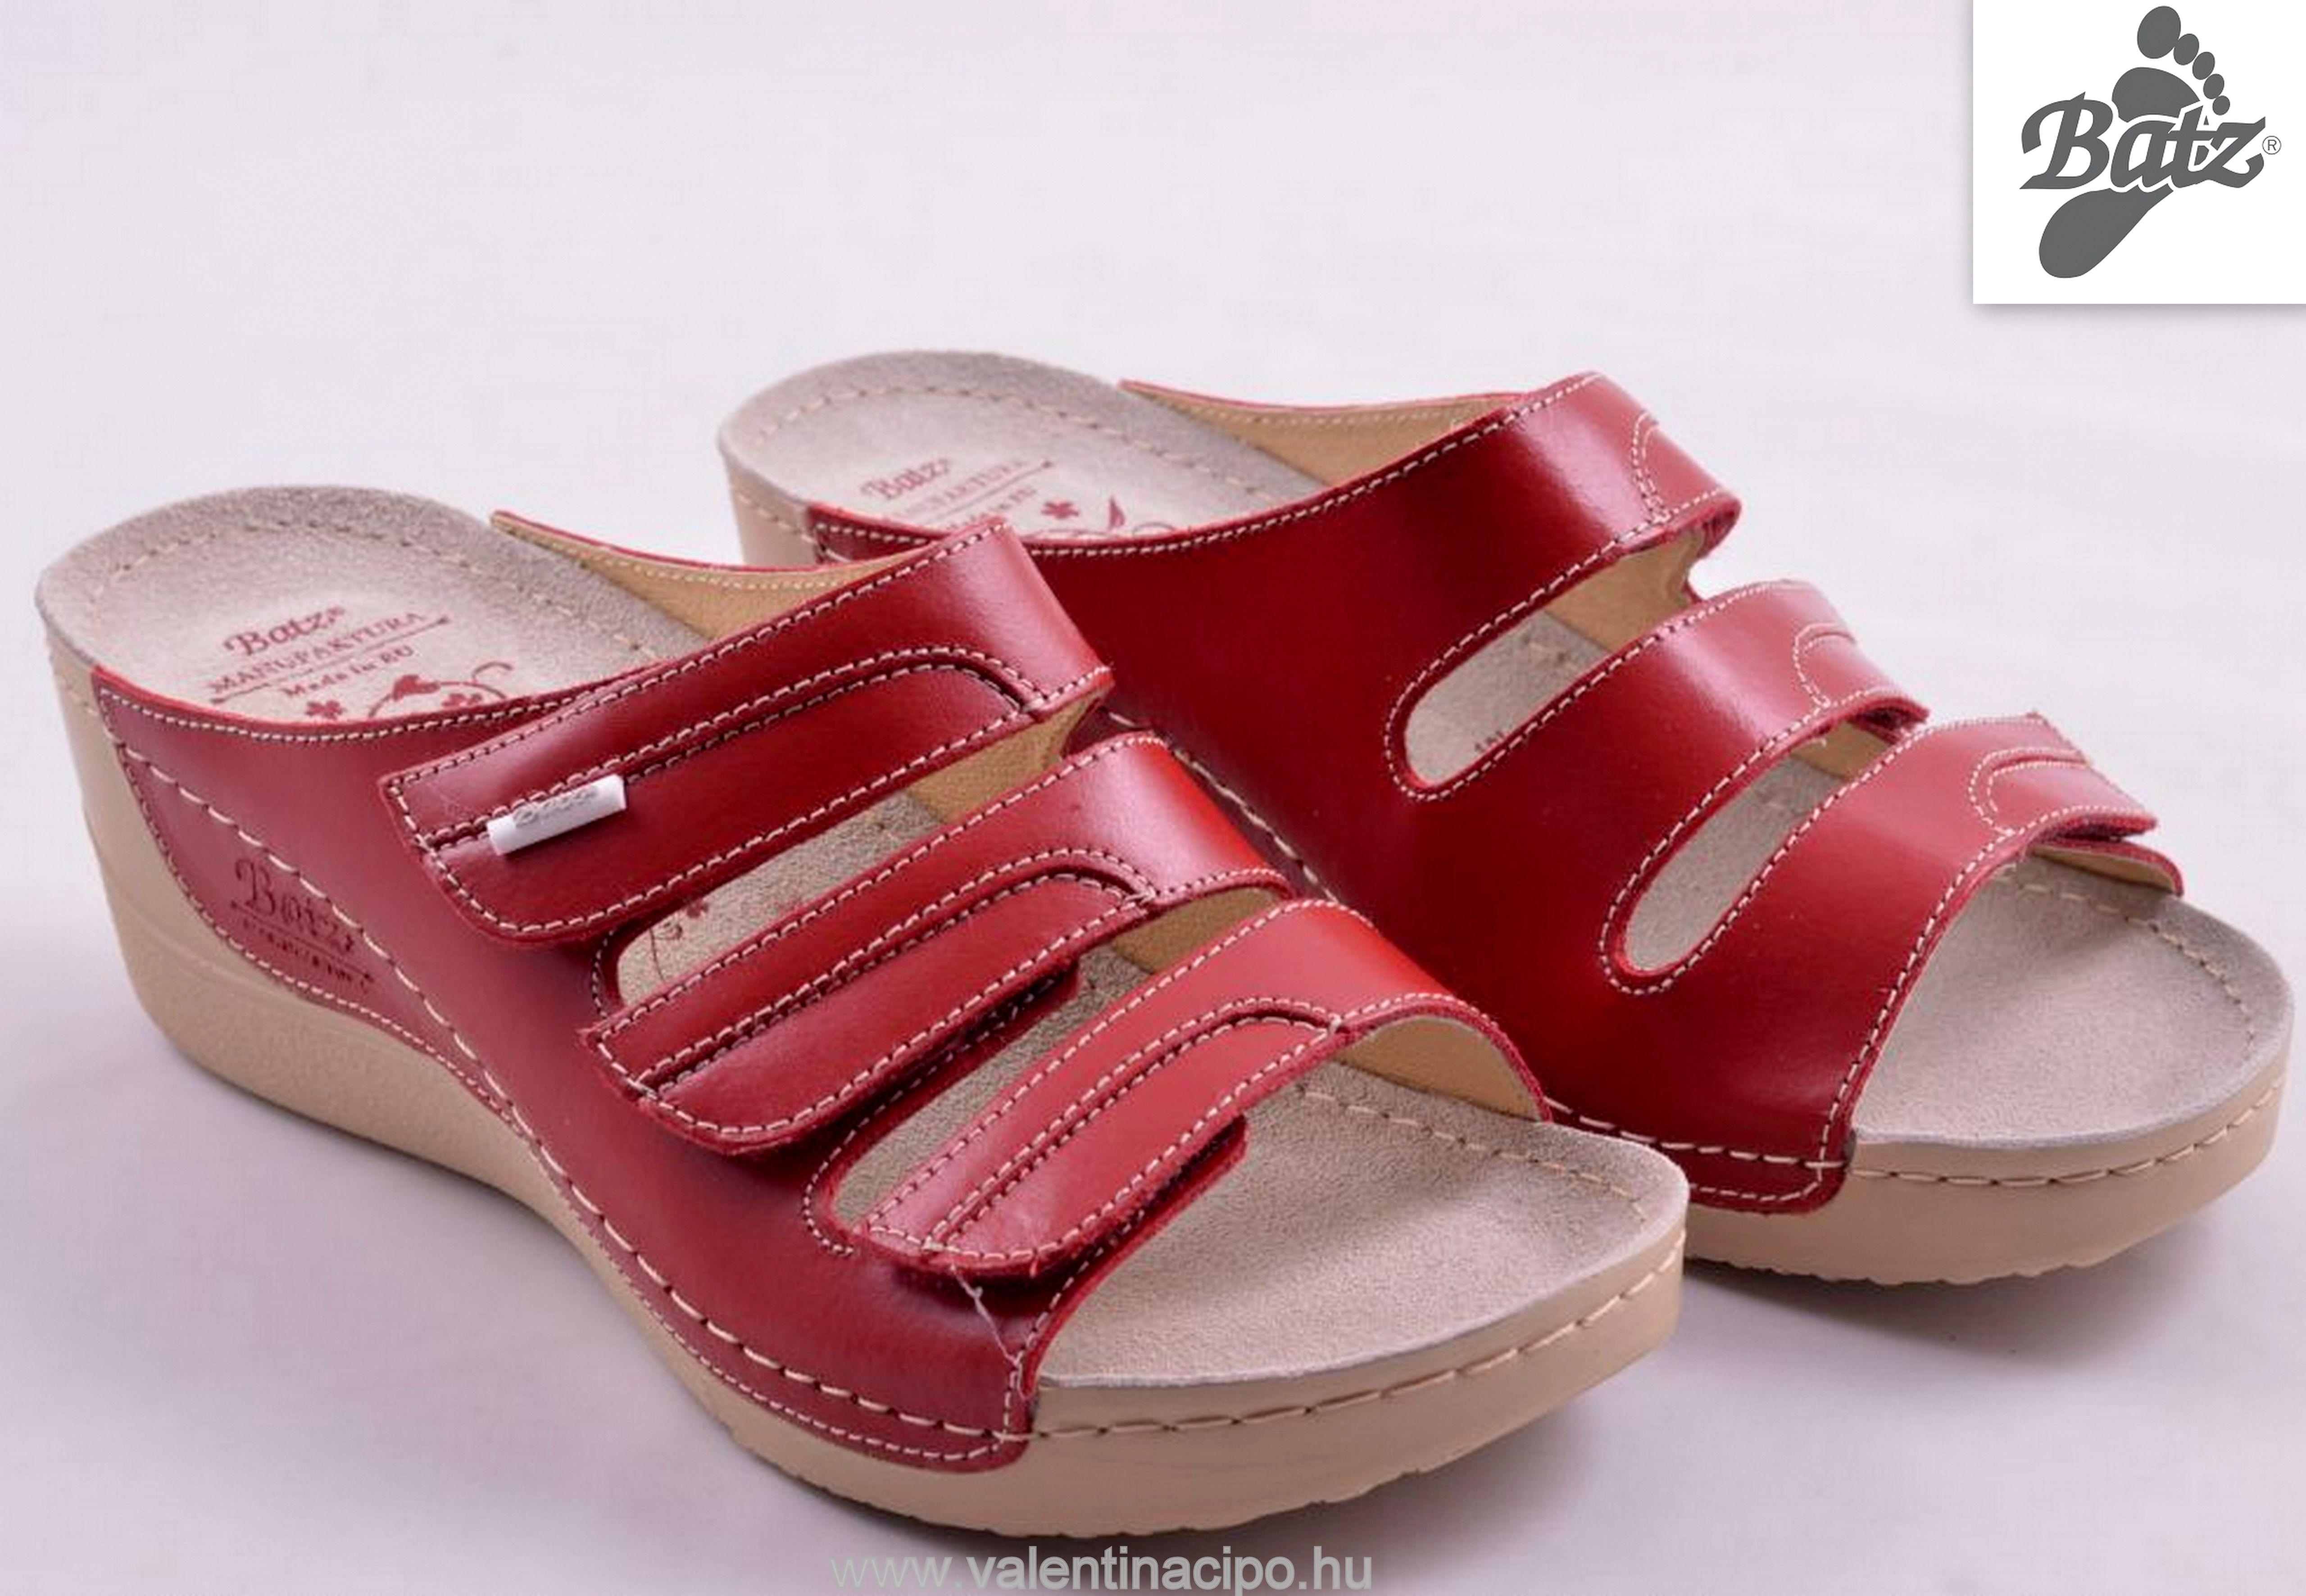 a66a770329 Batz Olga női papucs piros színben is a Valentina Cipőboltokban és  Webáruházunkban :) http: